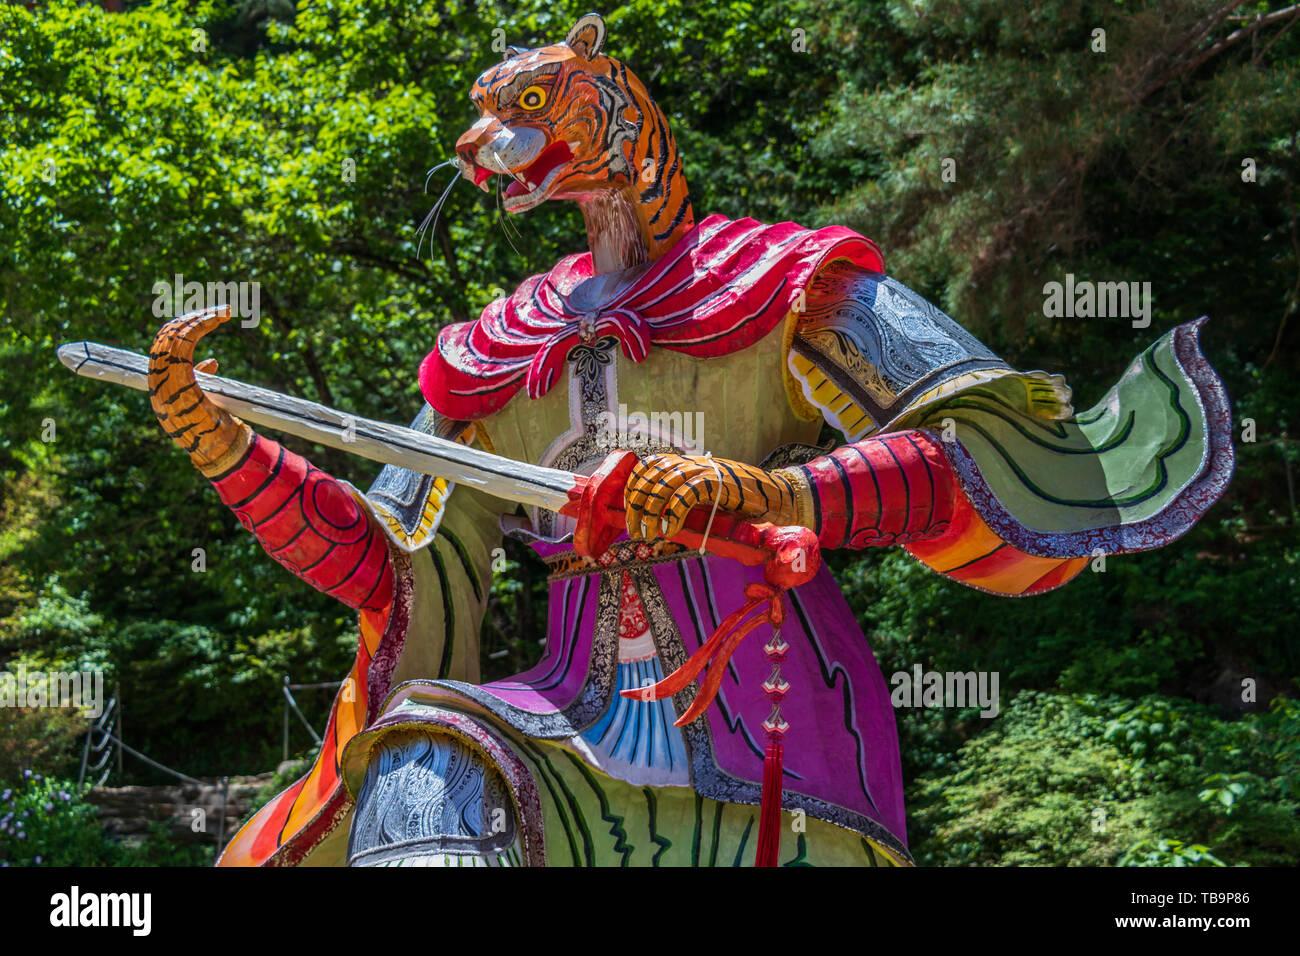 Signo del Zodíaco: Estatua de Tigre. Linterna de papel del signo astrológico en un templo budista en Corea del Sur. Danyang Guinsa, Región, Corea del Sur de Asia. Imagen De Stock